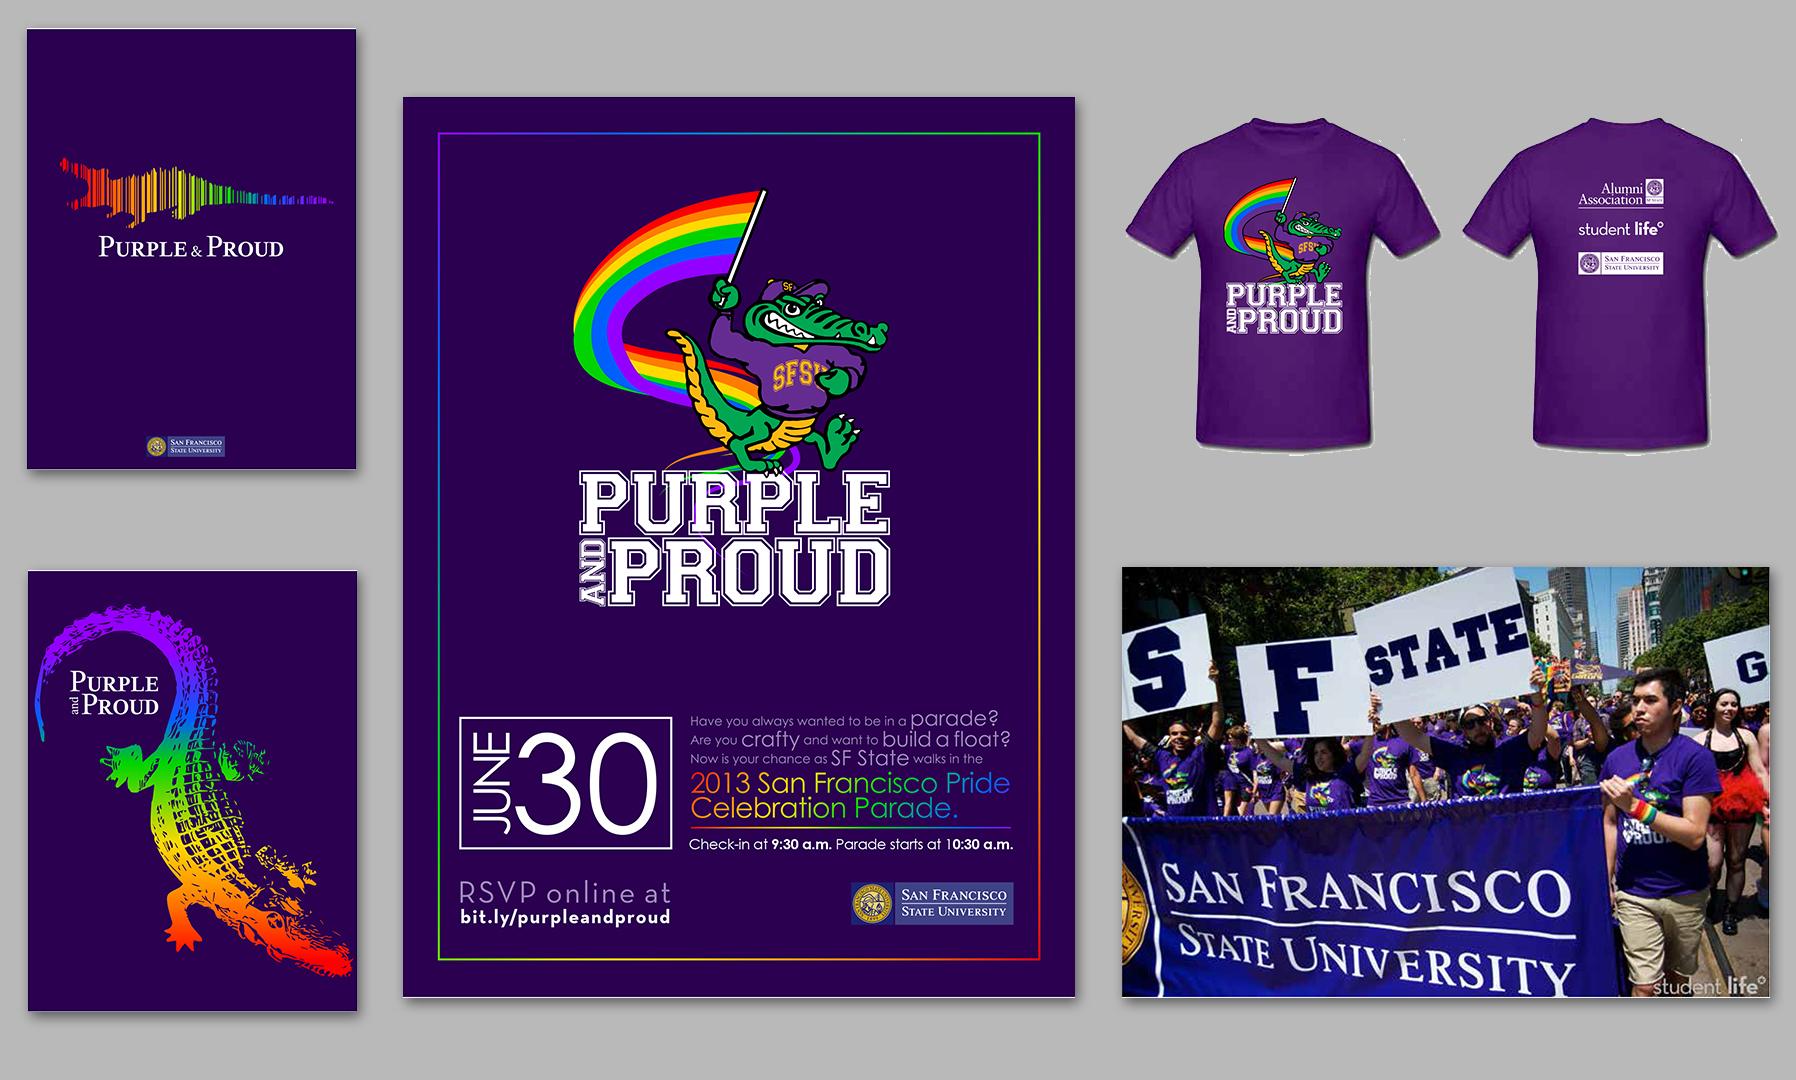 SFSU's Pride Parade 2013